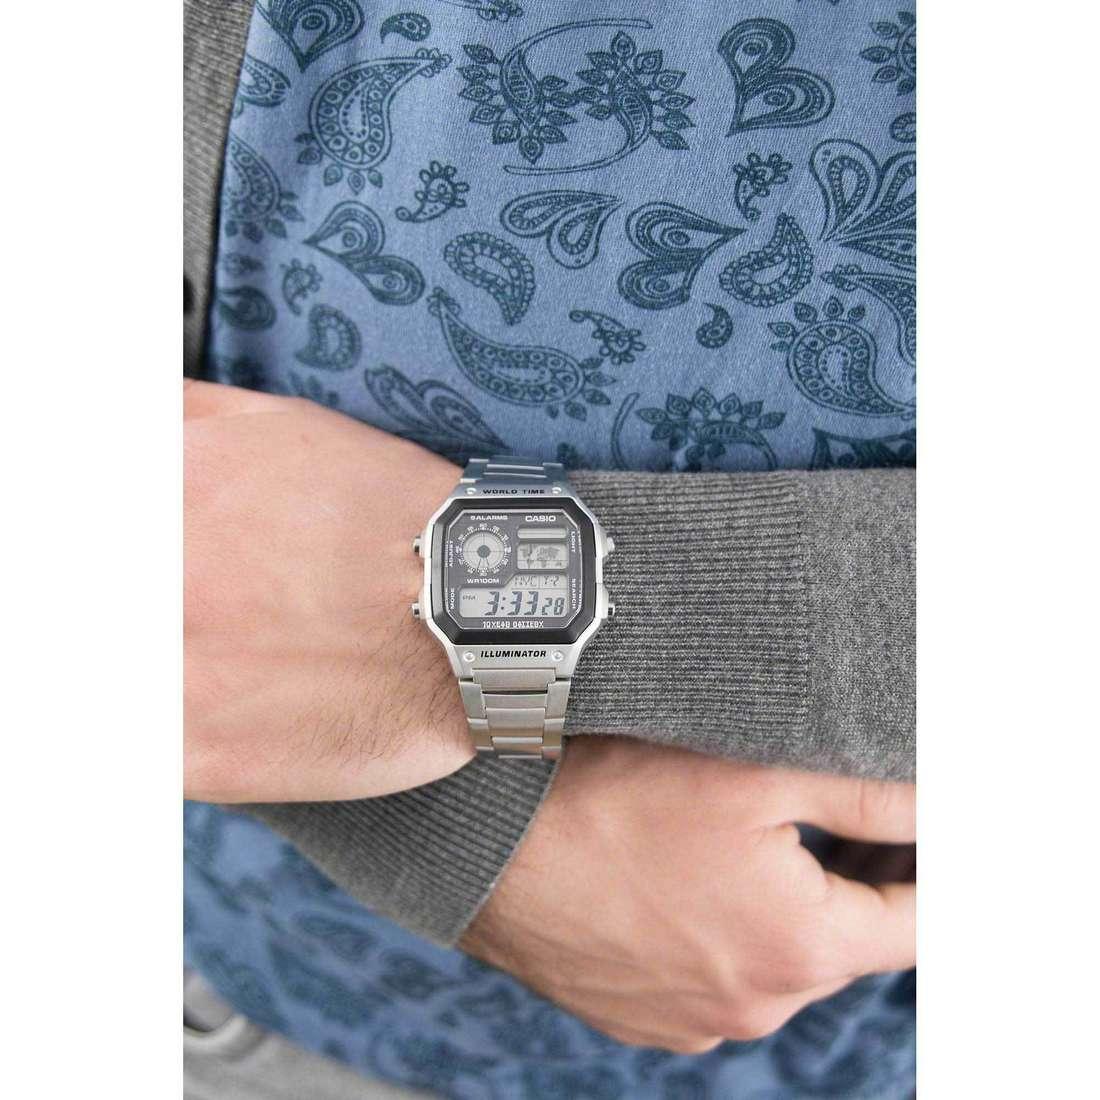 Casio digitali Casio Collection uomo AE-1200WHD-1AVEF indosso